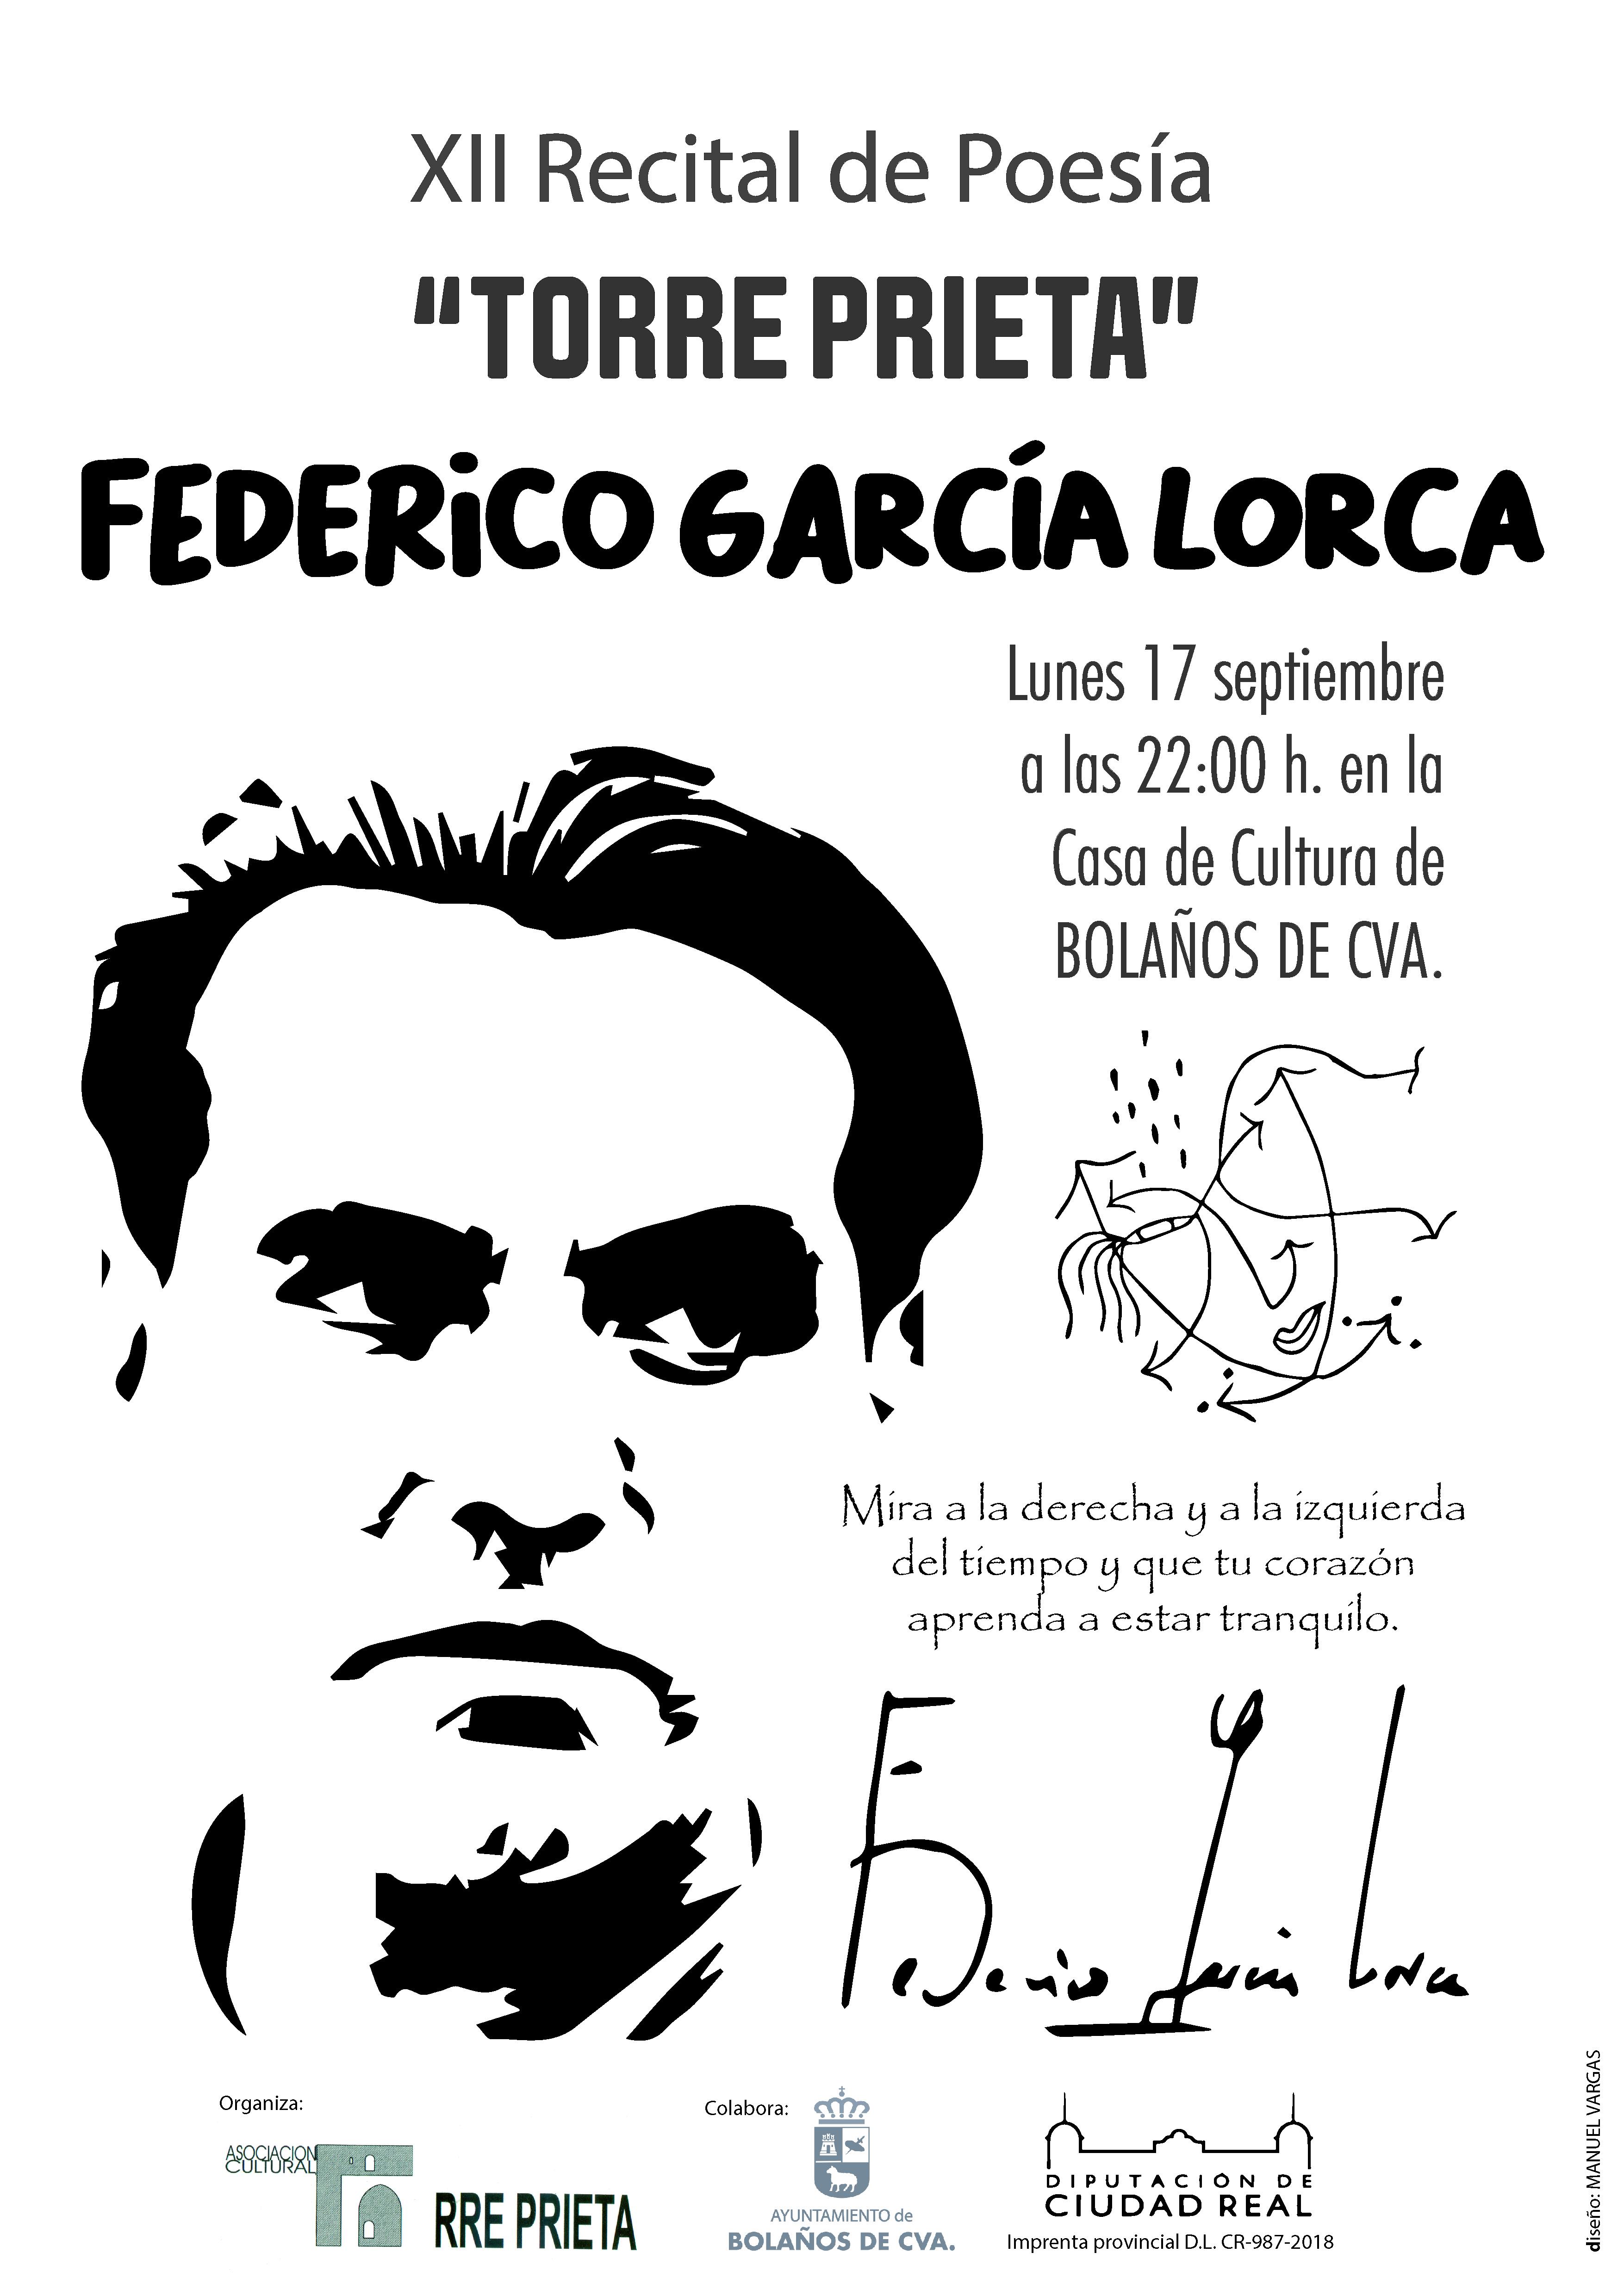 """XII RECITAL DE POESÍA """"TORRE PRIETA"""" EN BOLAÑOS"""